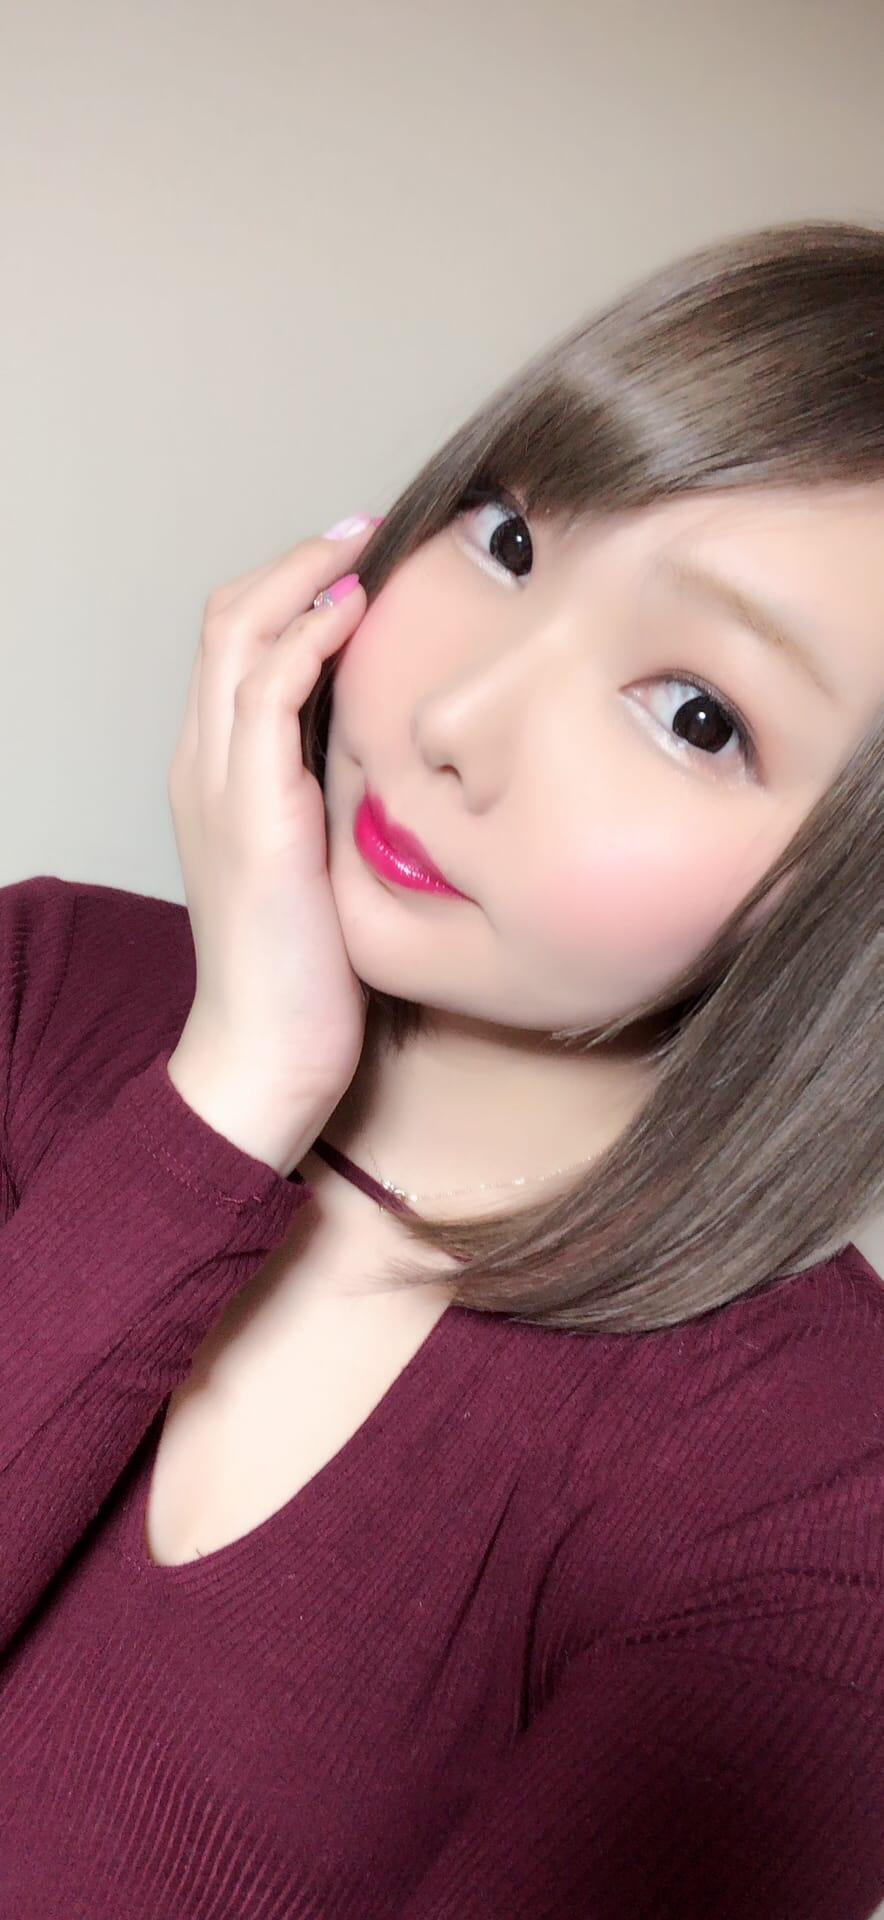 「お礼...ファンタジー」01/17(水) 20:22 | 増田ゆめの写メ・風俗動画